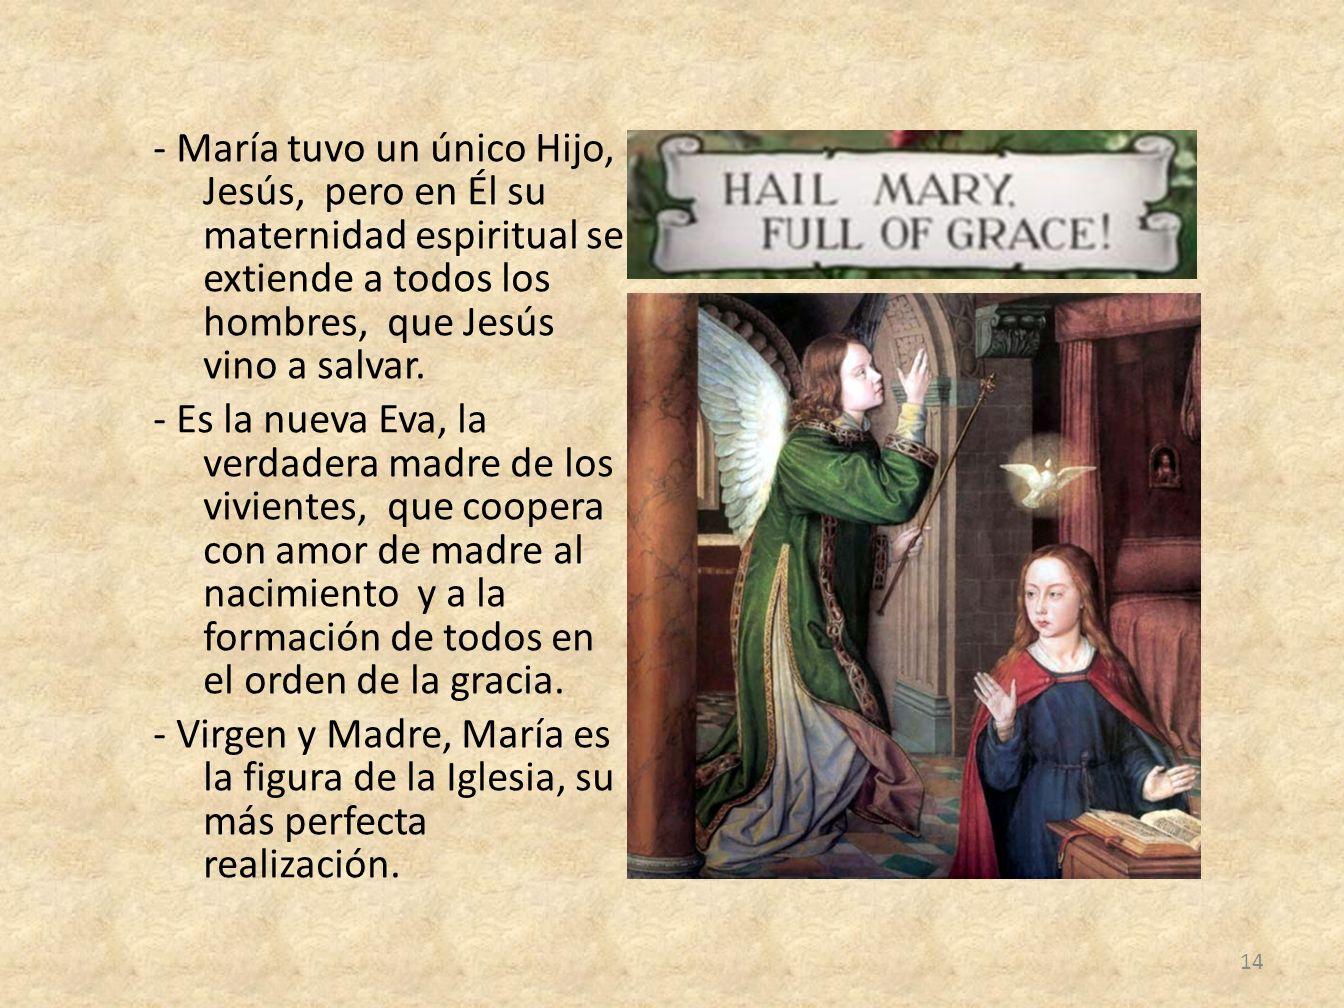 - María tuvo un único Hijo, Jesús, pero en Él su maternidad espiritual se extiende a todos los hombres, que Jesús vino a salvar. - Es la nueva Eva, la